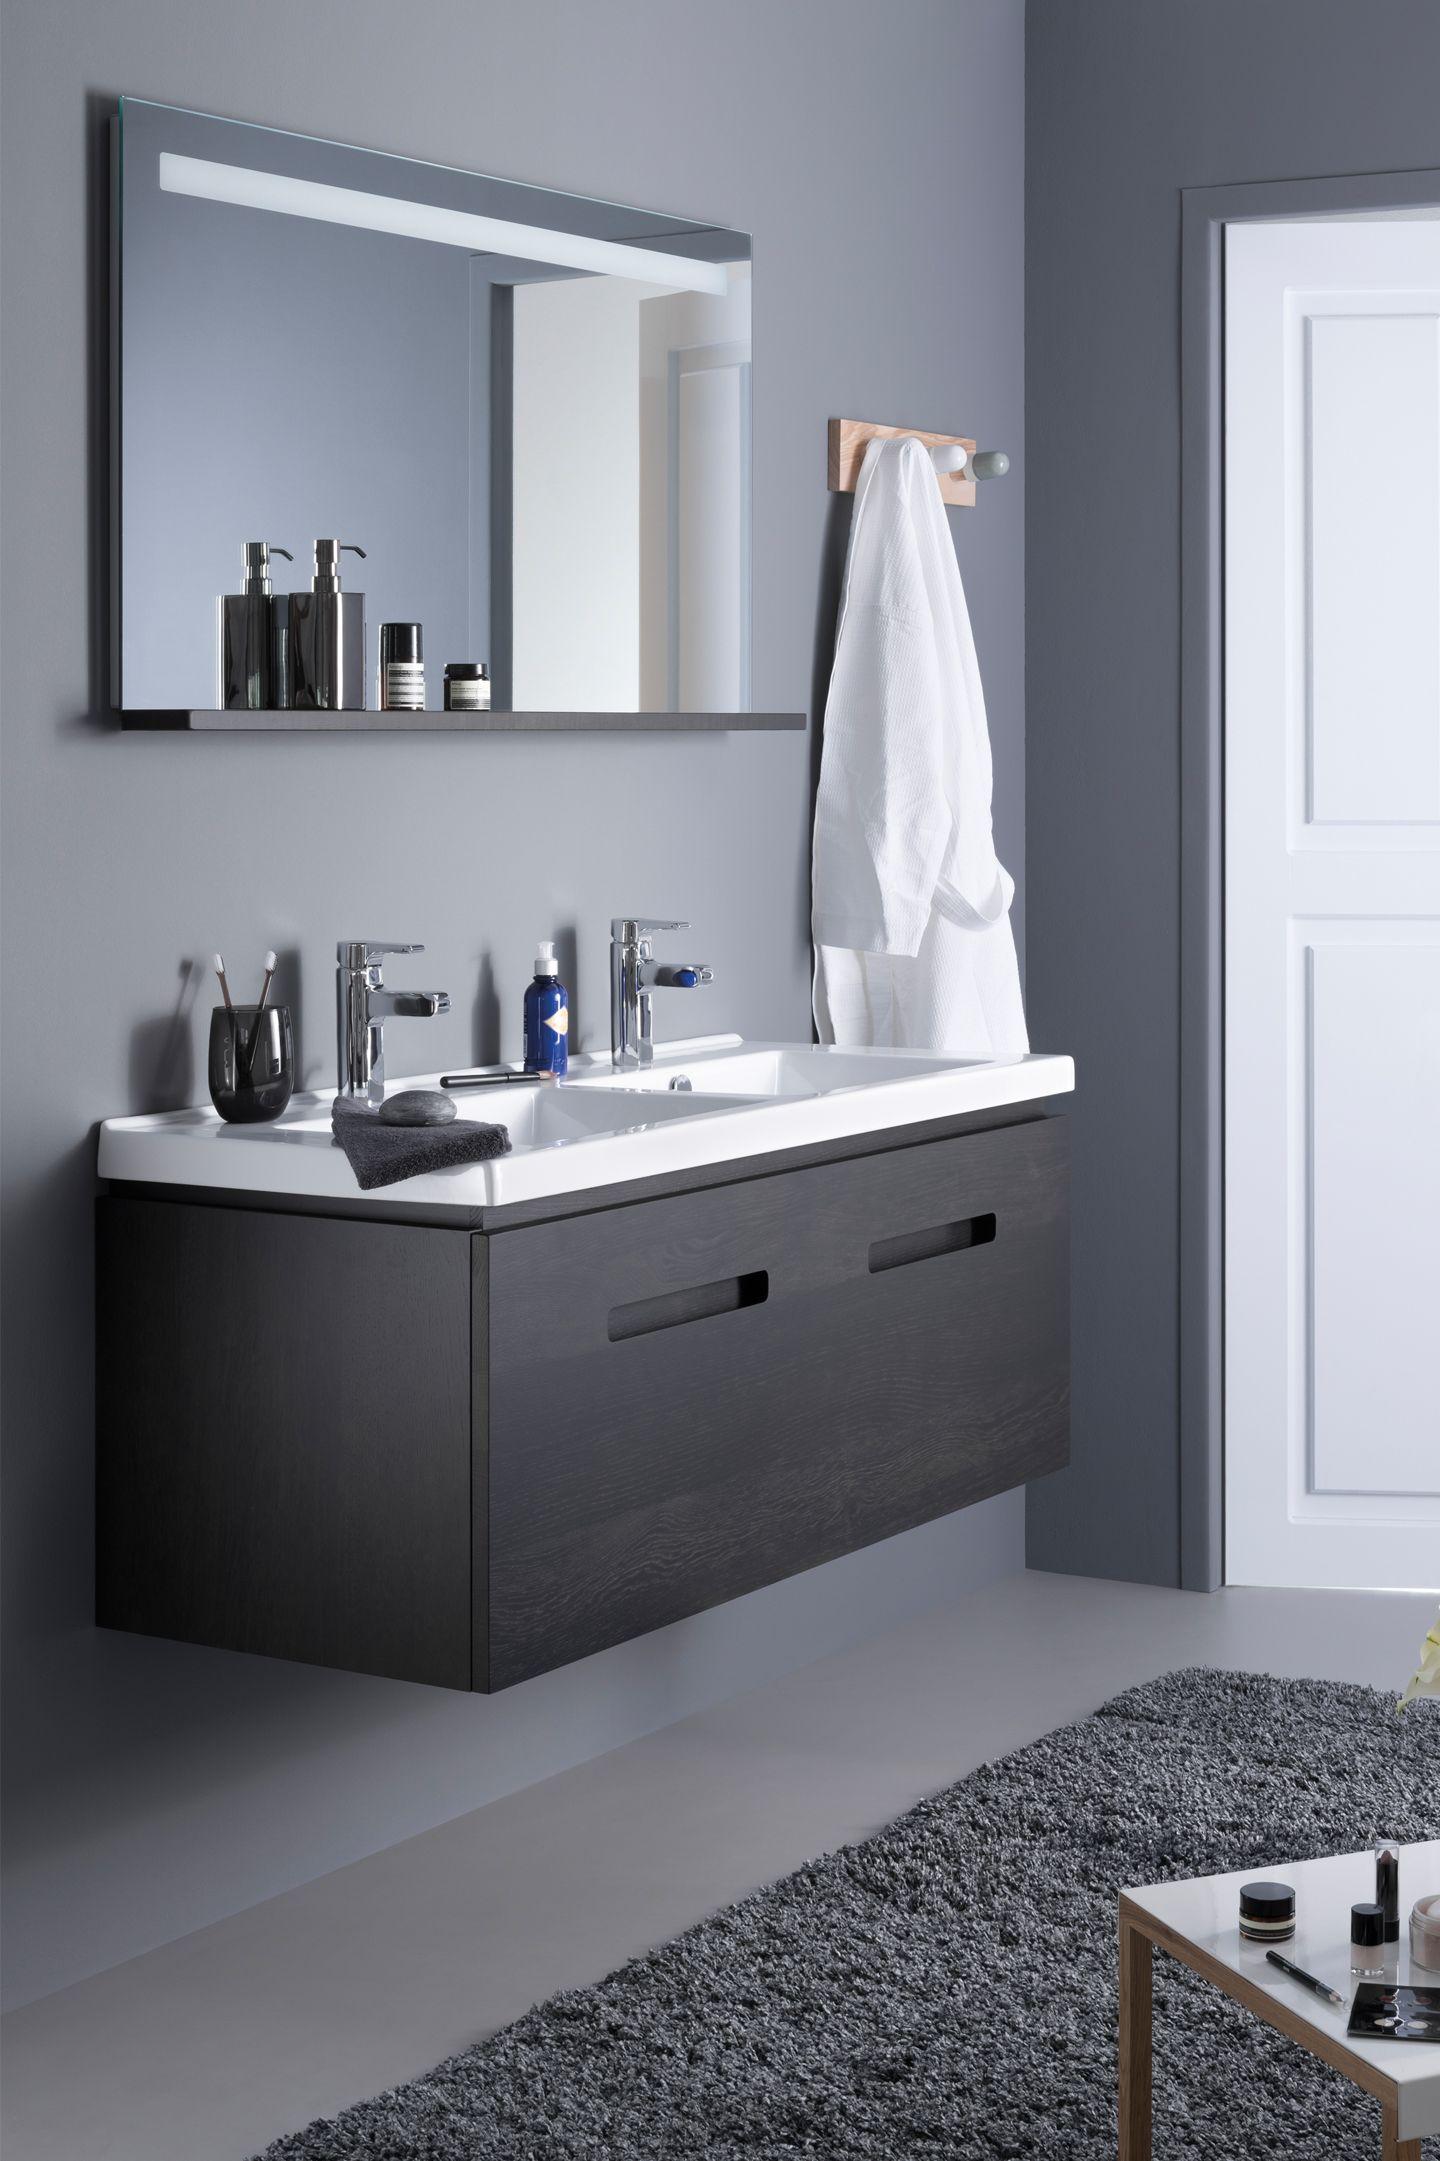 Sanijura Essentiel Bathroom Grey Gris Salledebain Deco Meuble Meuble De Salle De Bain Mobilier De Salon Salle De Bain